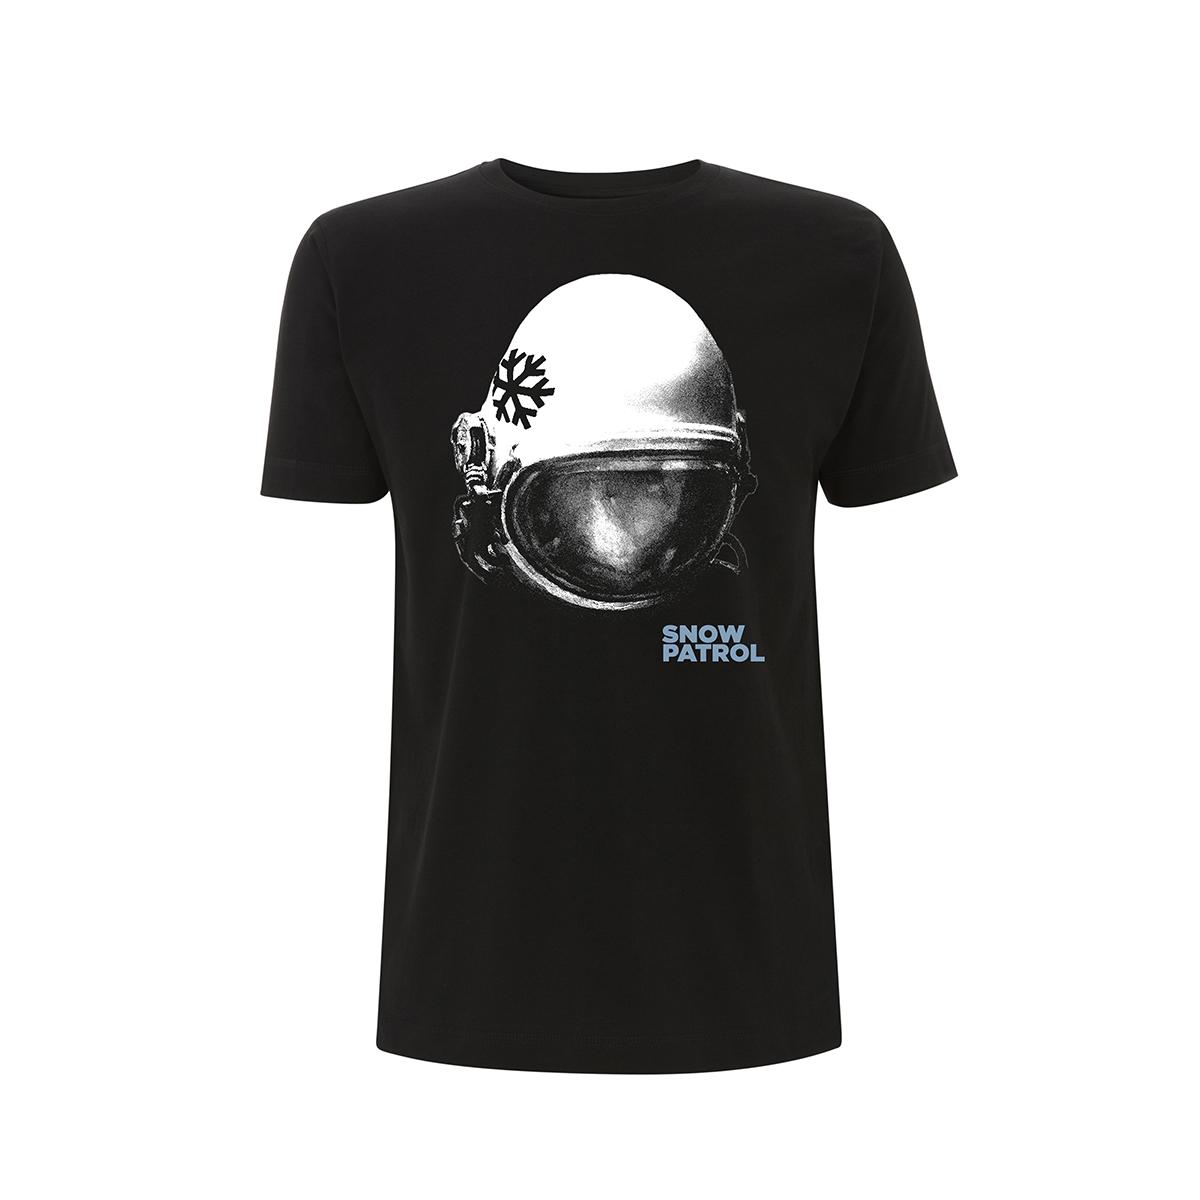 Helmet Black Tee -  European Date Back - Snow Patrol